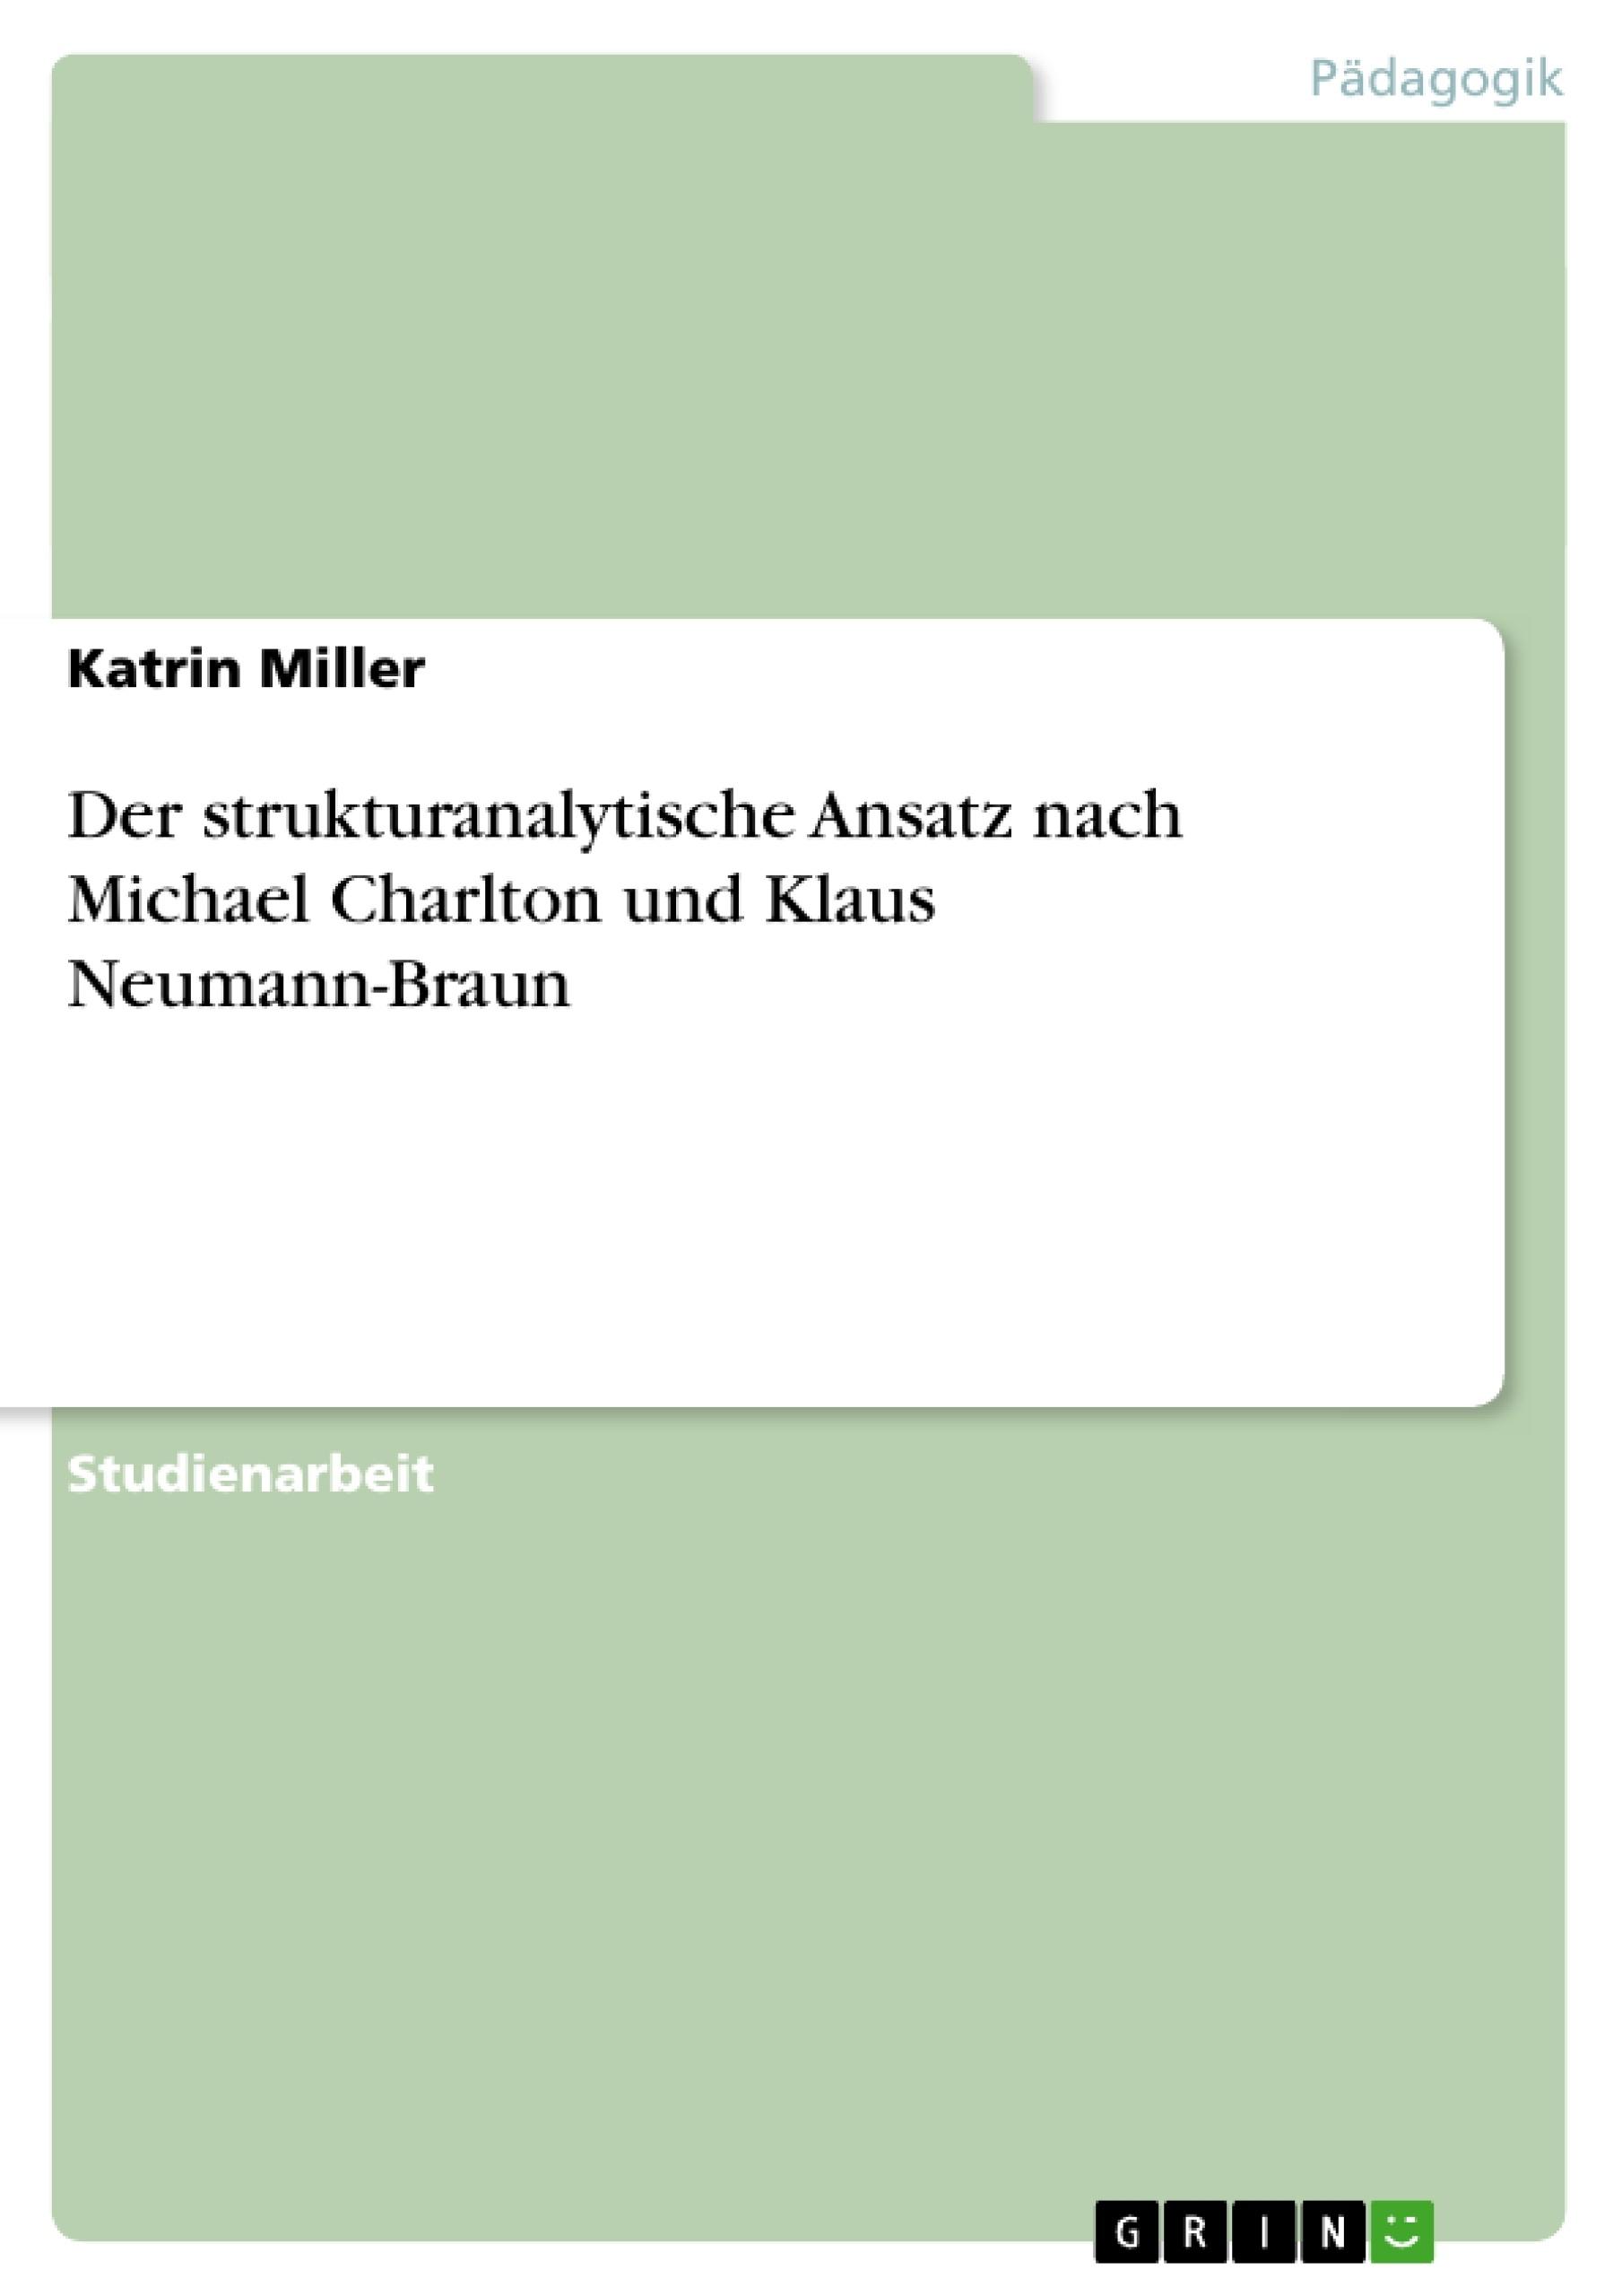 Titel: Der strukturanalytische Ansatz nach Michael Charlton und Klaus Neumann-Braun